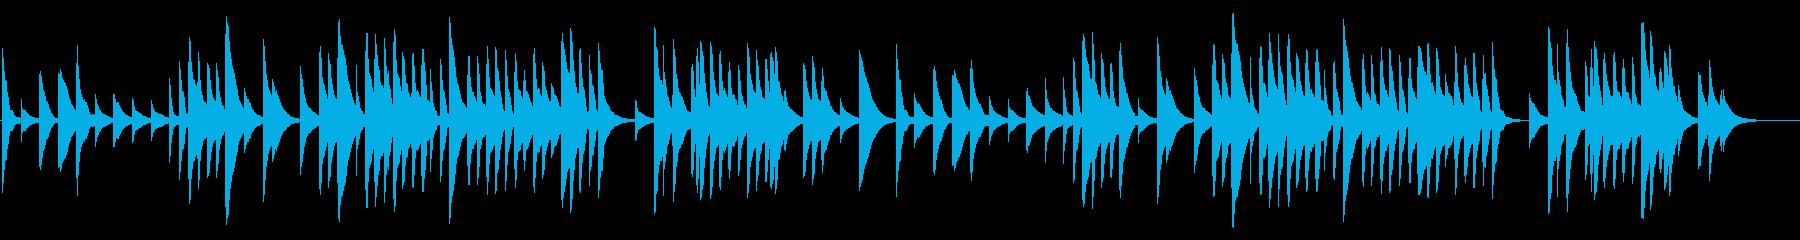 G線上のアリア 18弁オルゴールの再生済みの波形